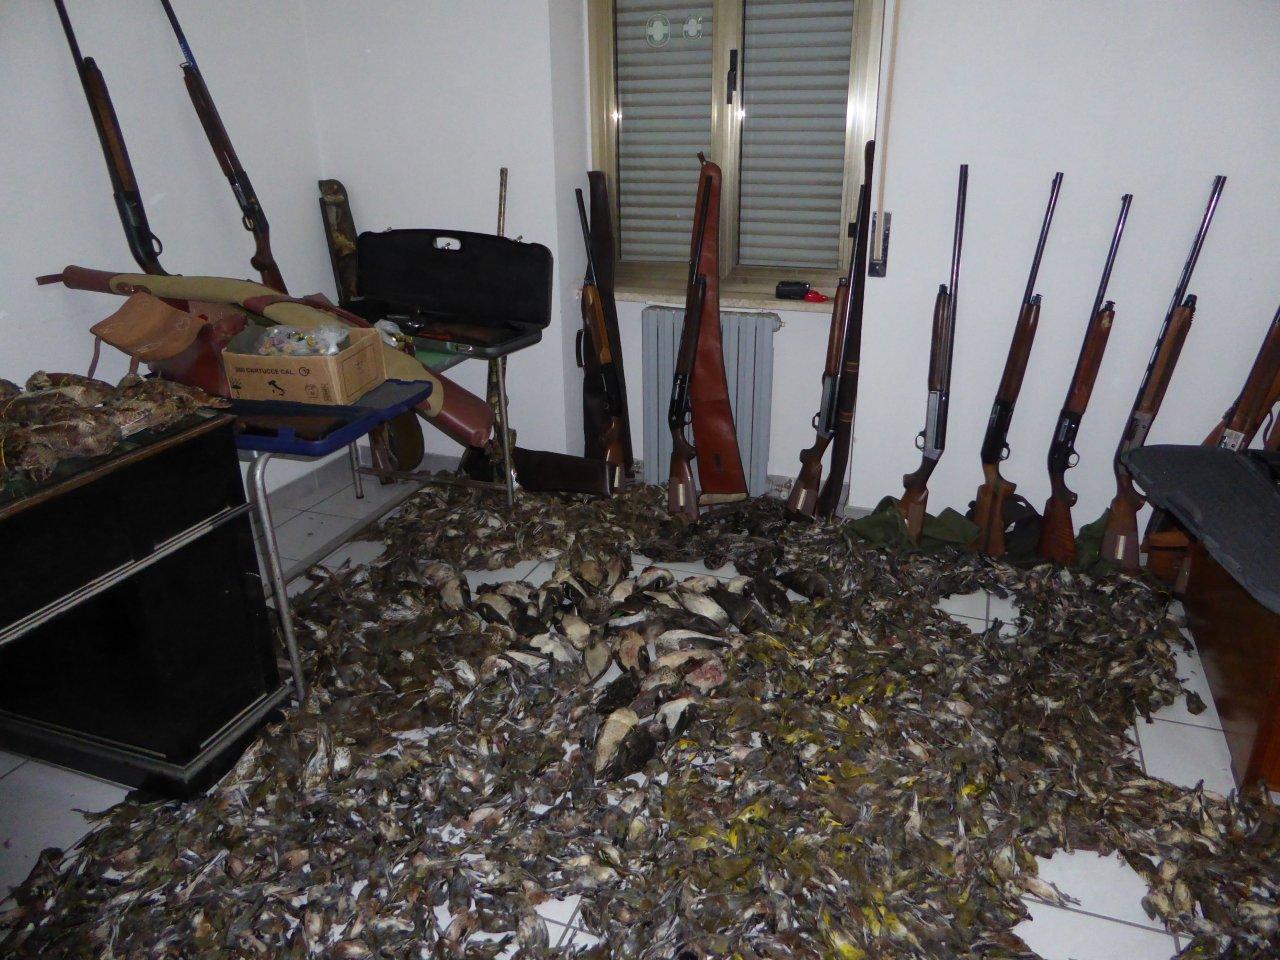 VIDEO - Uccelli abbattuti, armi e munizioni sequestrati nel corso dell'operazione Osei 2 tra Corigliano e Rossano